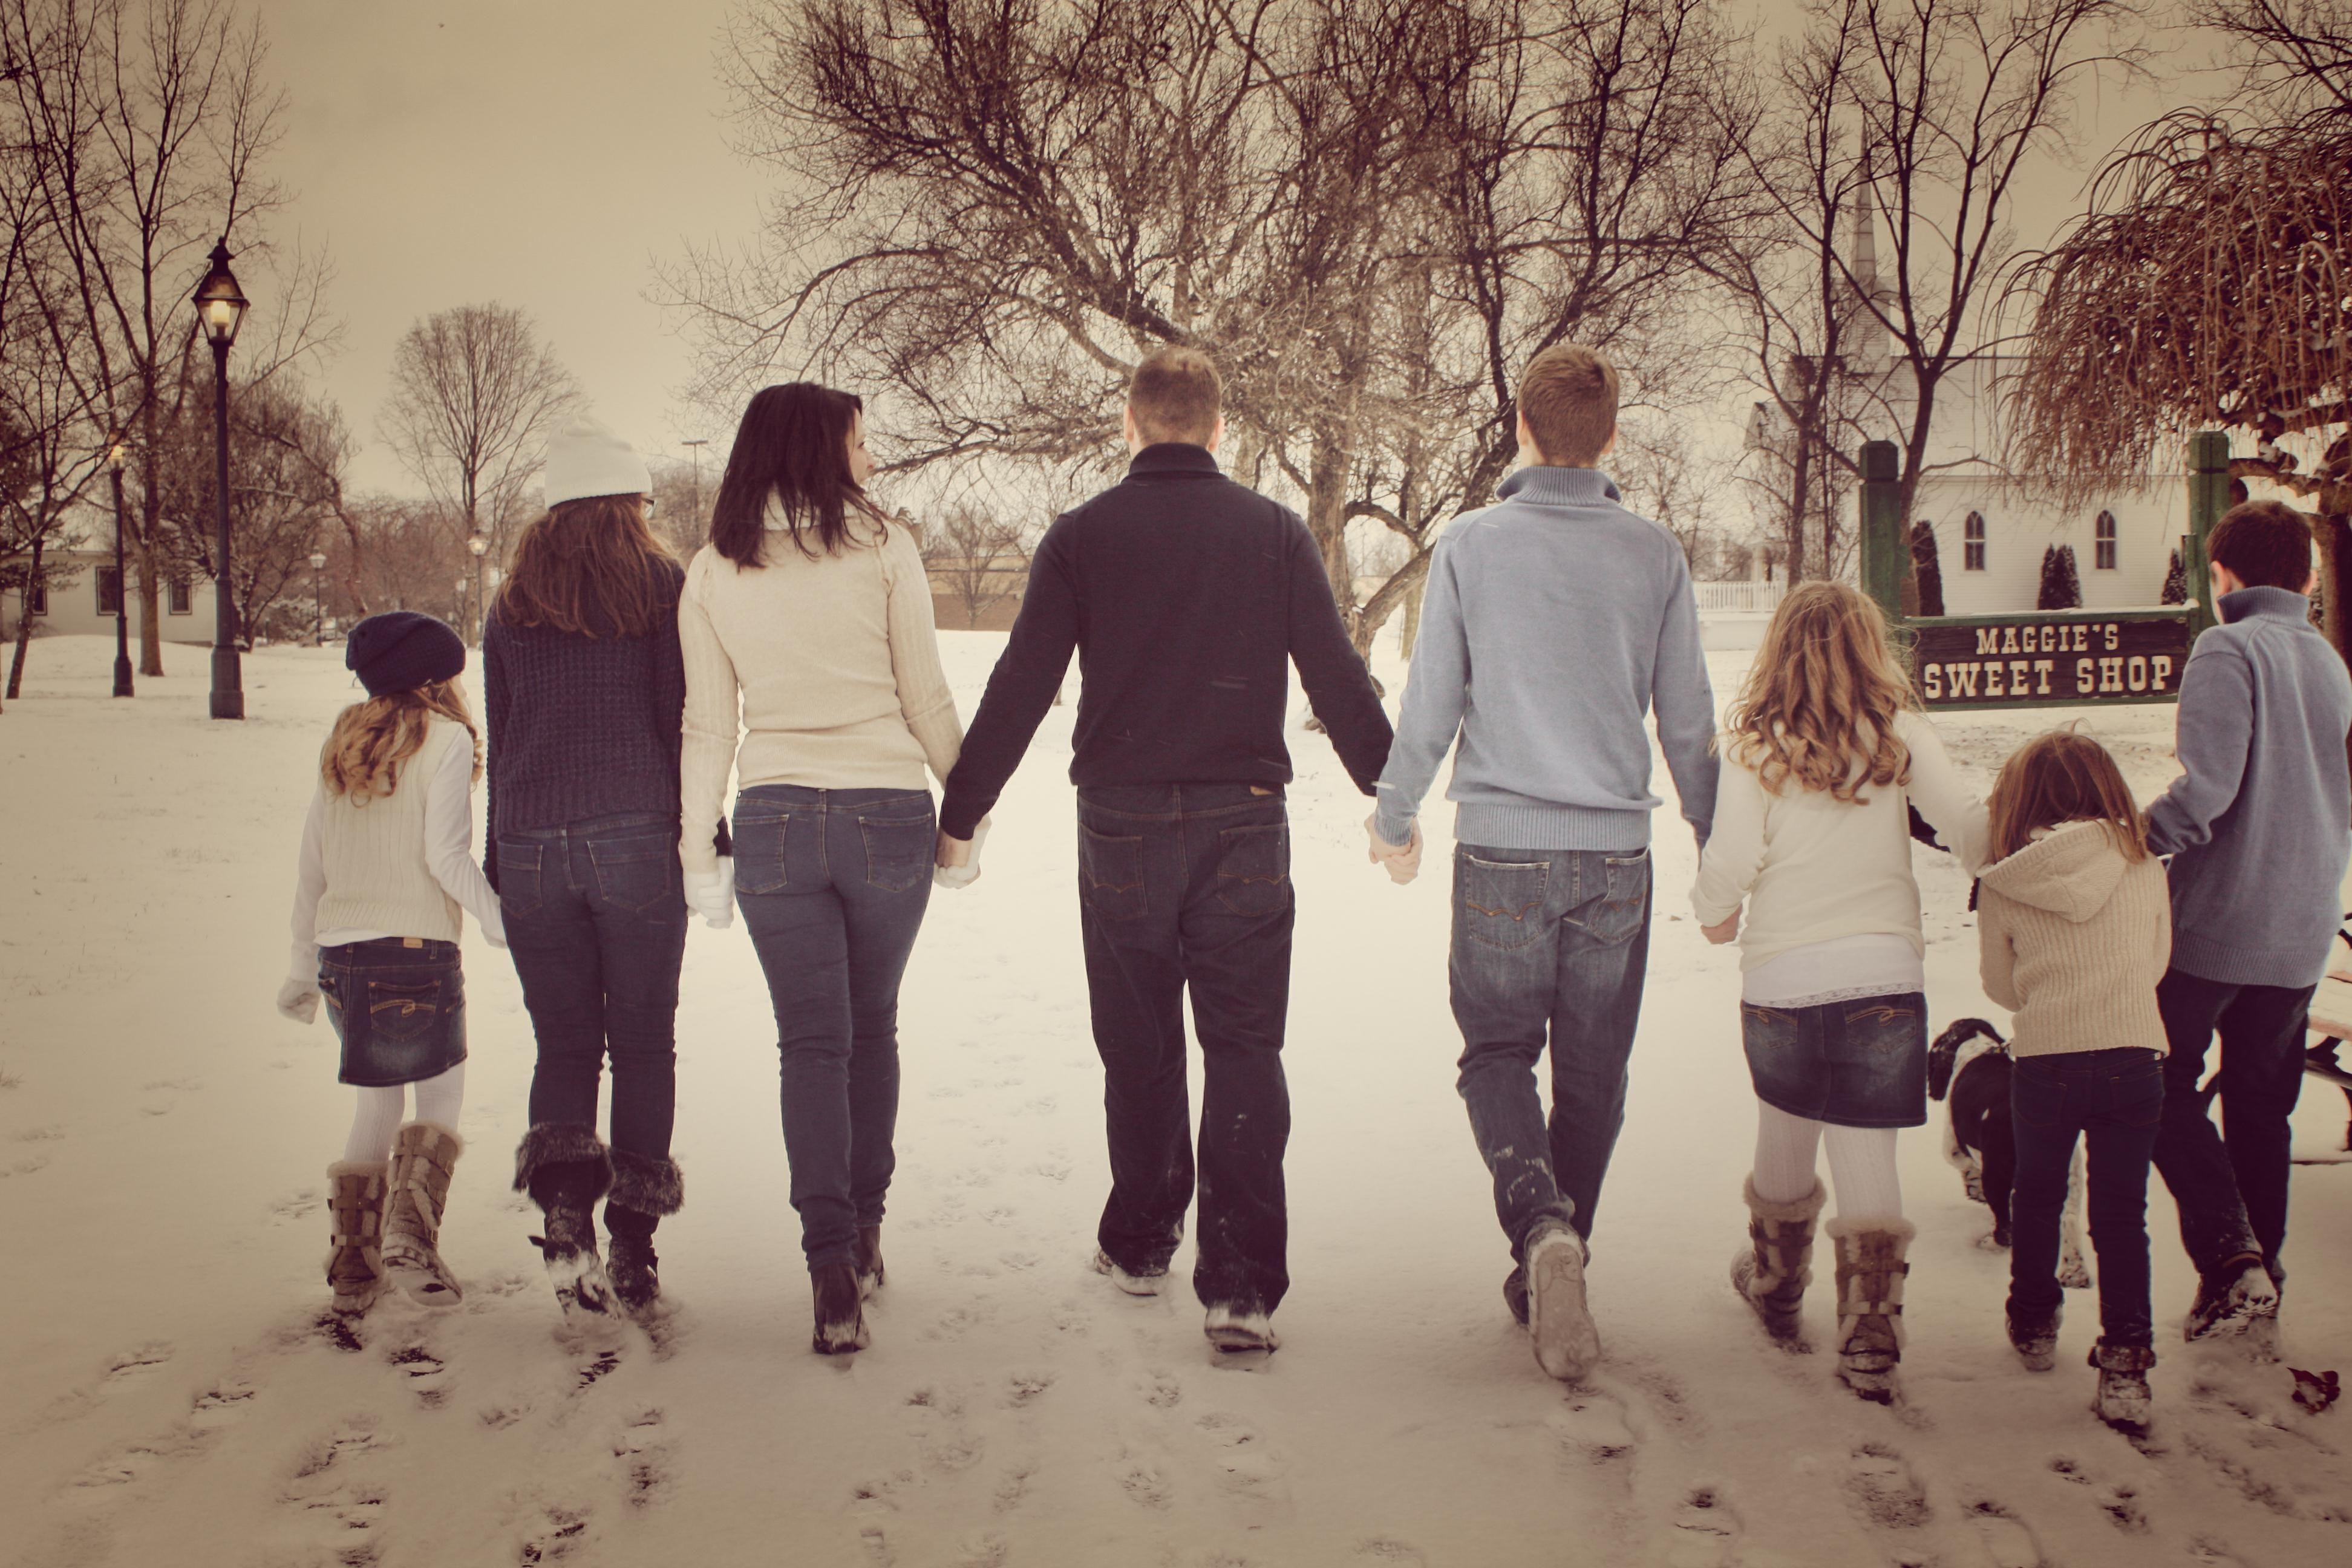 One big happy family =)